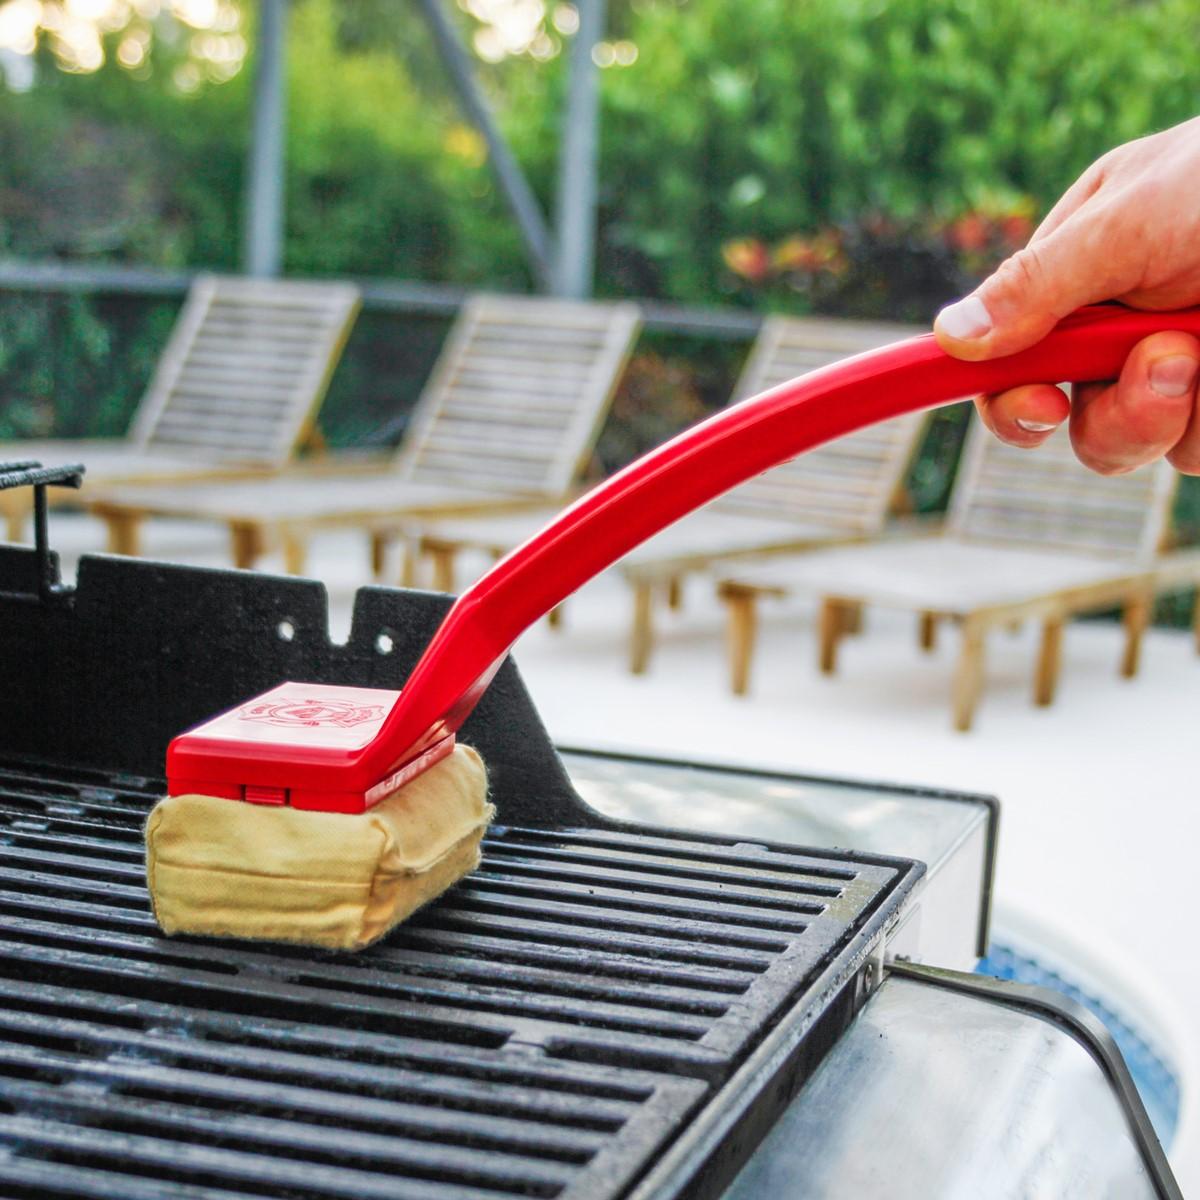 come-pulire-il-barbecue-in-maniera-precisa-11